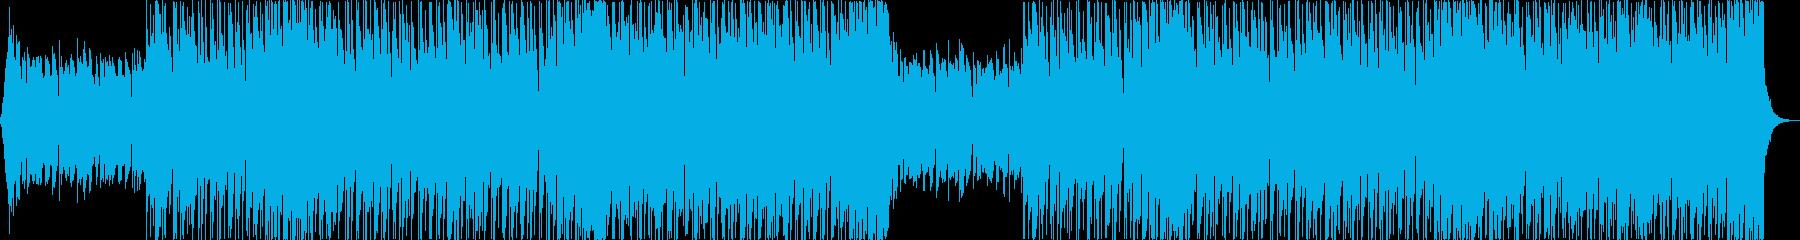 洋楽トラップヒップホップパリピEDMaの再生済みの波形